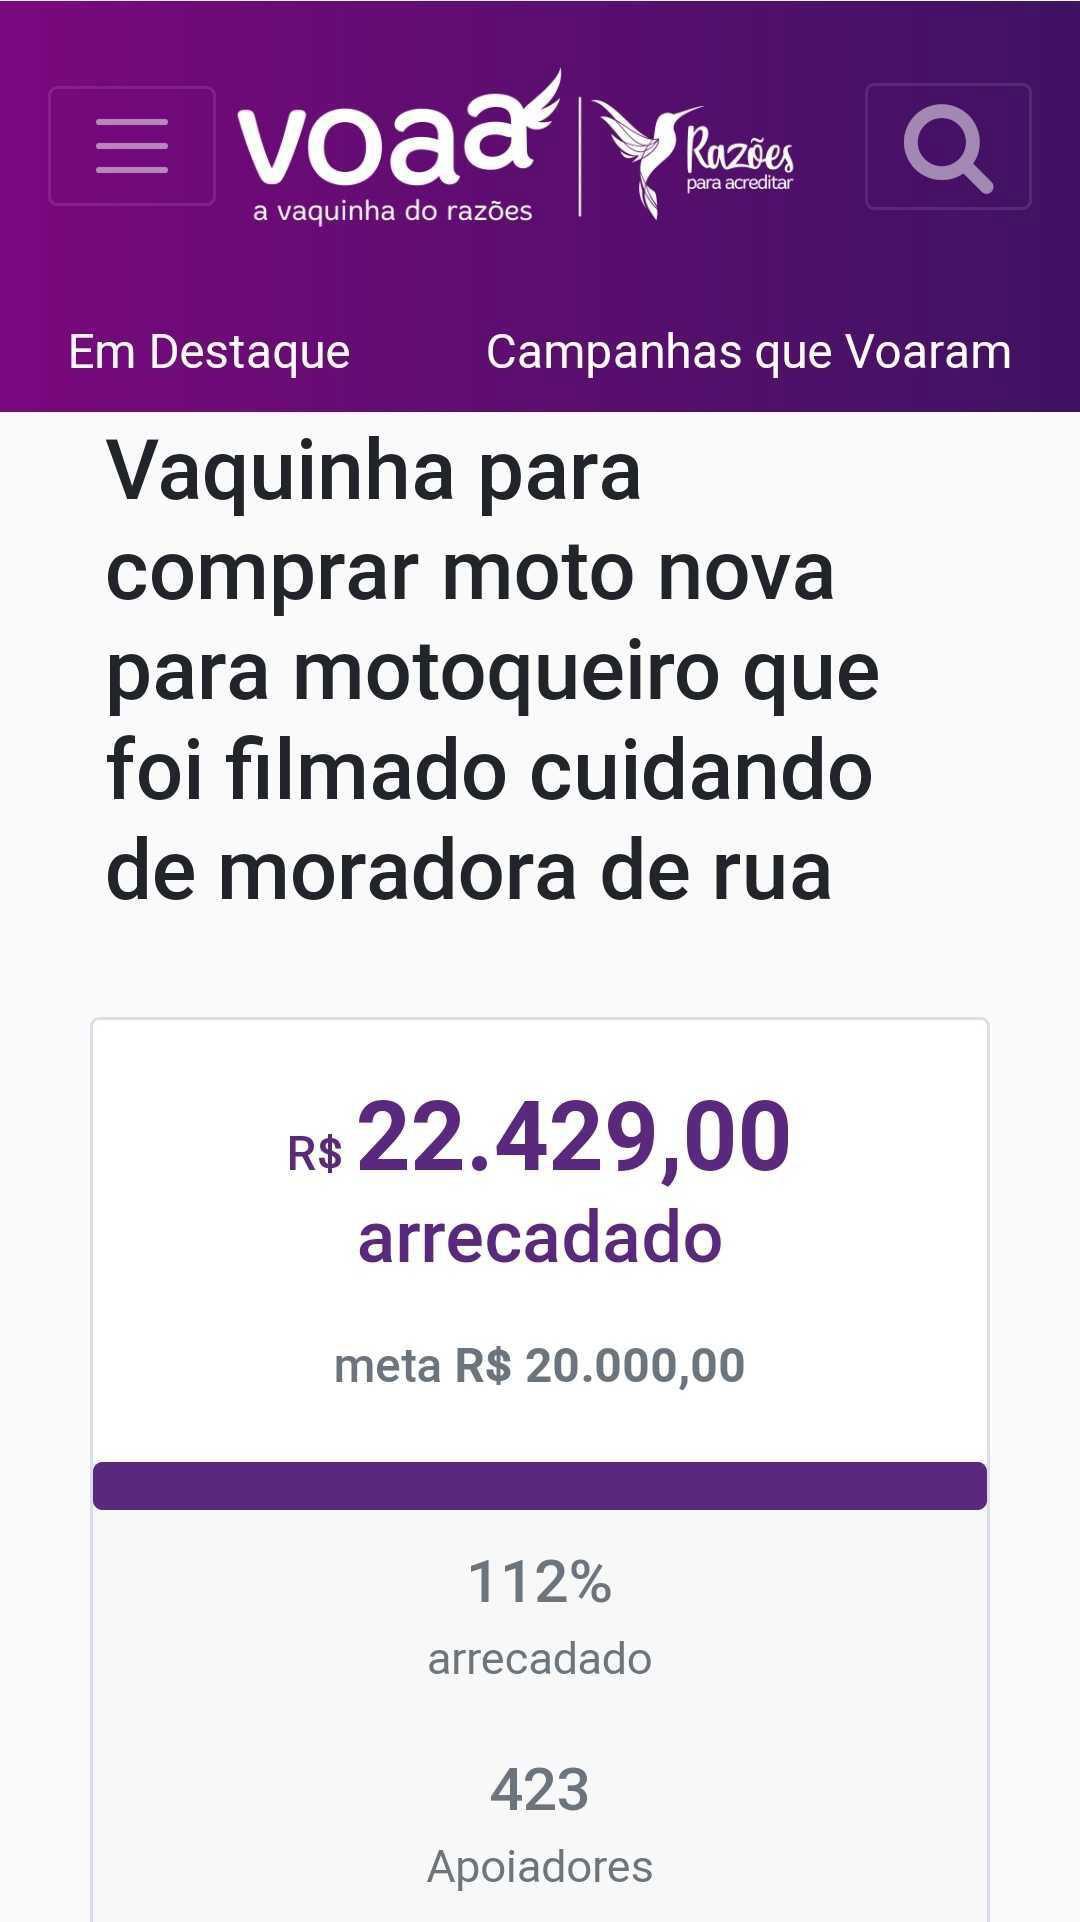 print vaquinha comprar moto motoboy cuidou moradora rua